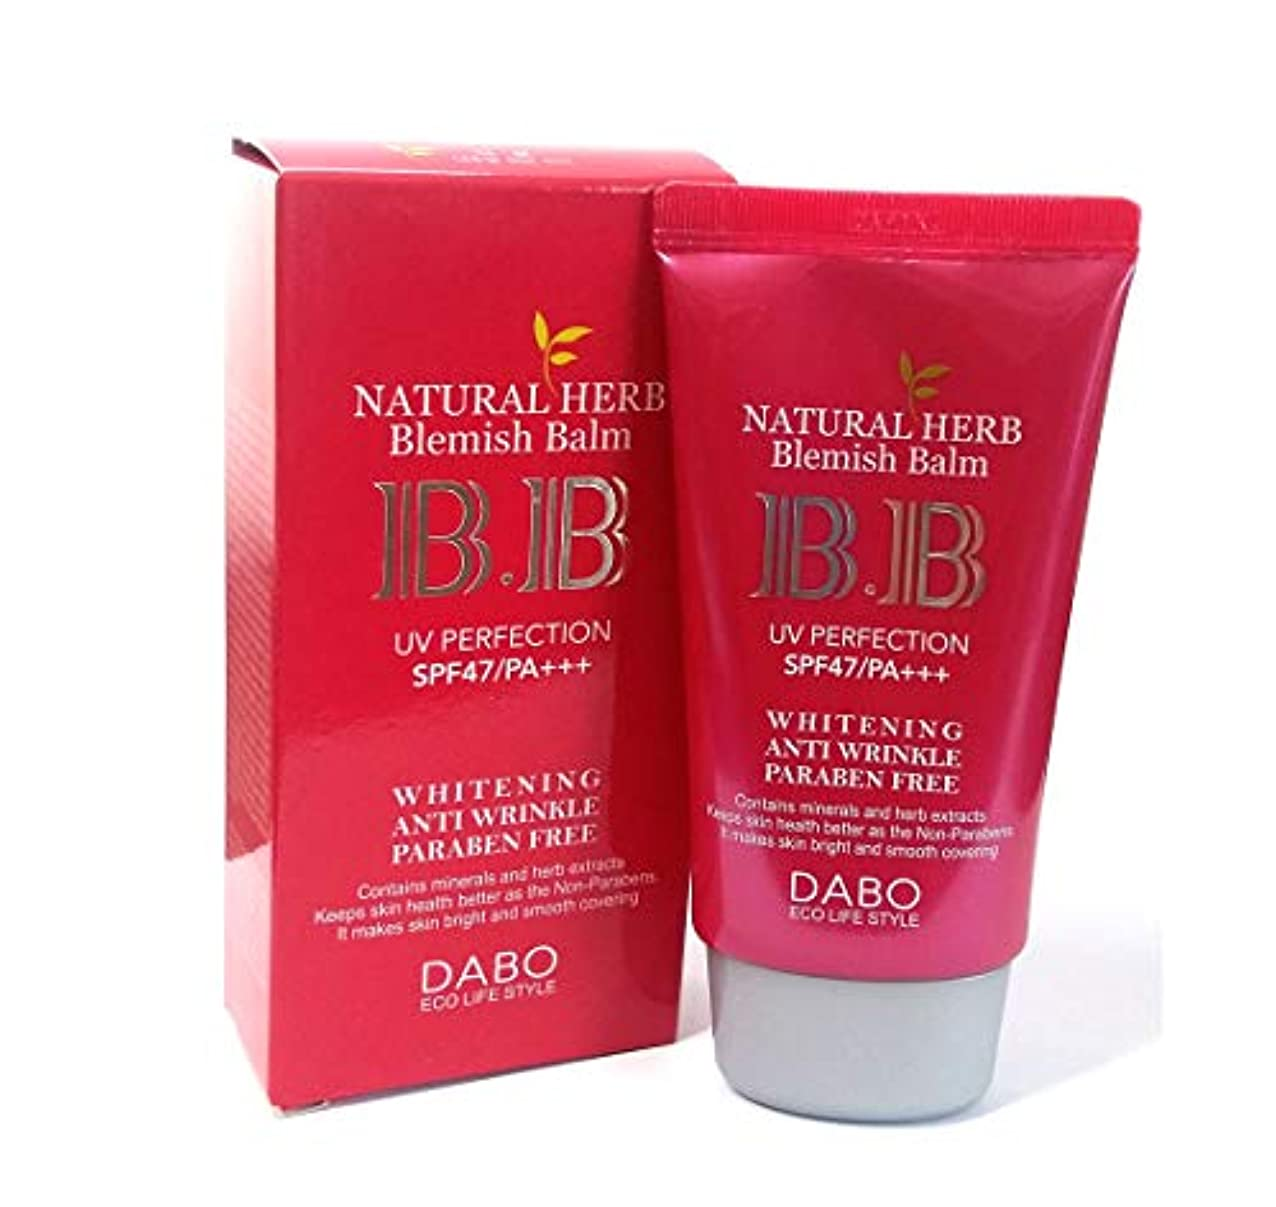 不良ブームまたはどちらか[DABO] ナチュラルハーブBBクリーム50ml / Natural Herb BB Cream 50ml /SPF47 PA +++ / ホワイトニング、UVプロテクト/韓国化粧品/Whitening, UV Protect...